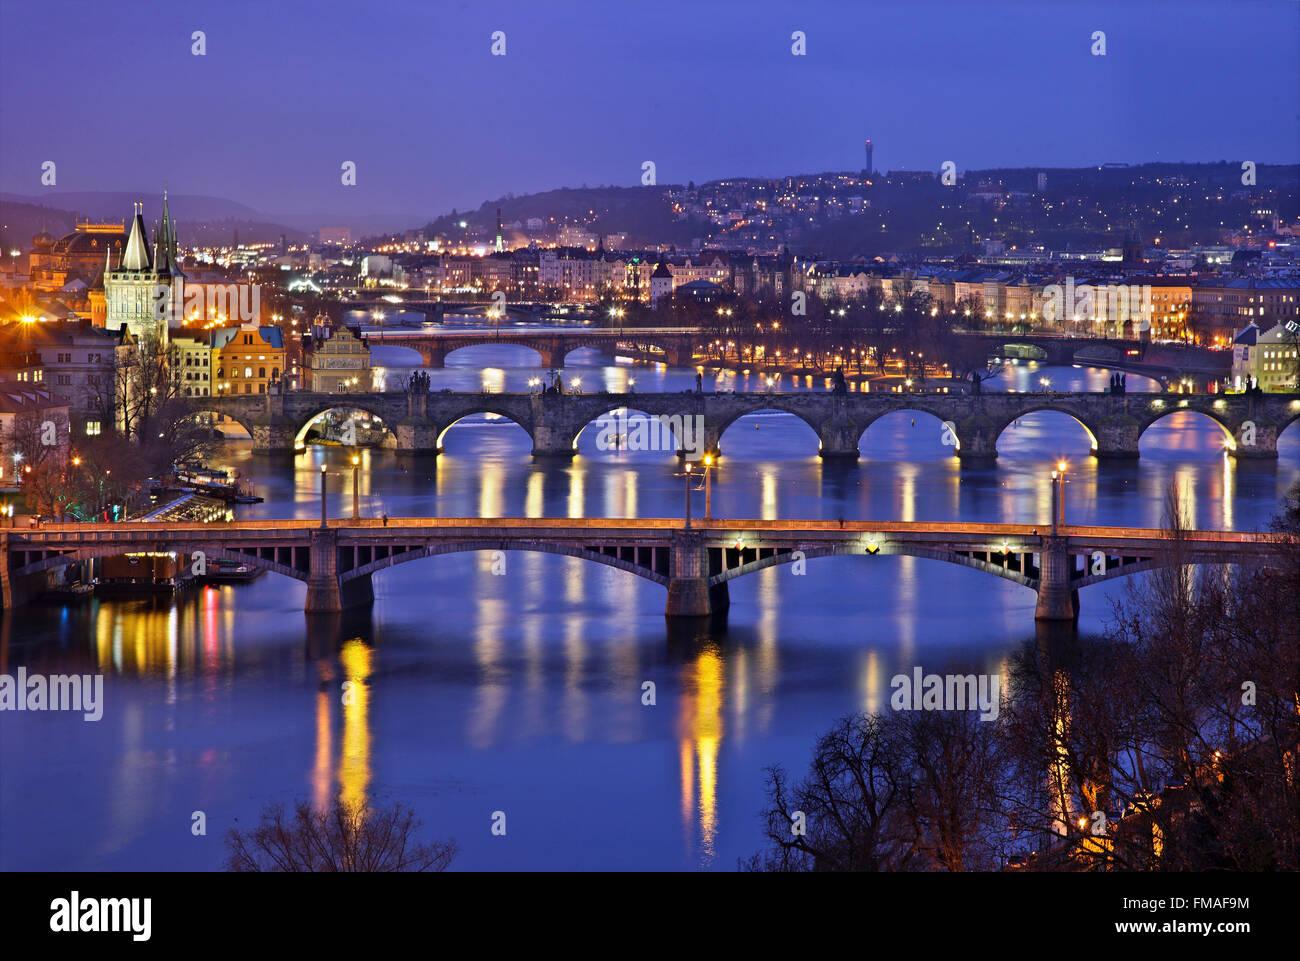 """Ponti sulla Moldava (Moldavia), fiume, Praga, Repubblica Ceca. Quella di mezzo è il famoso Charles Bridge"""". Immagini Stock"""